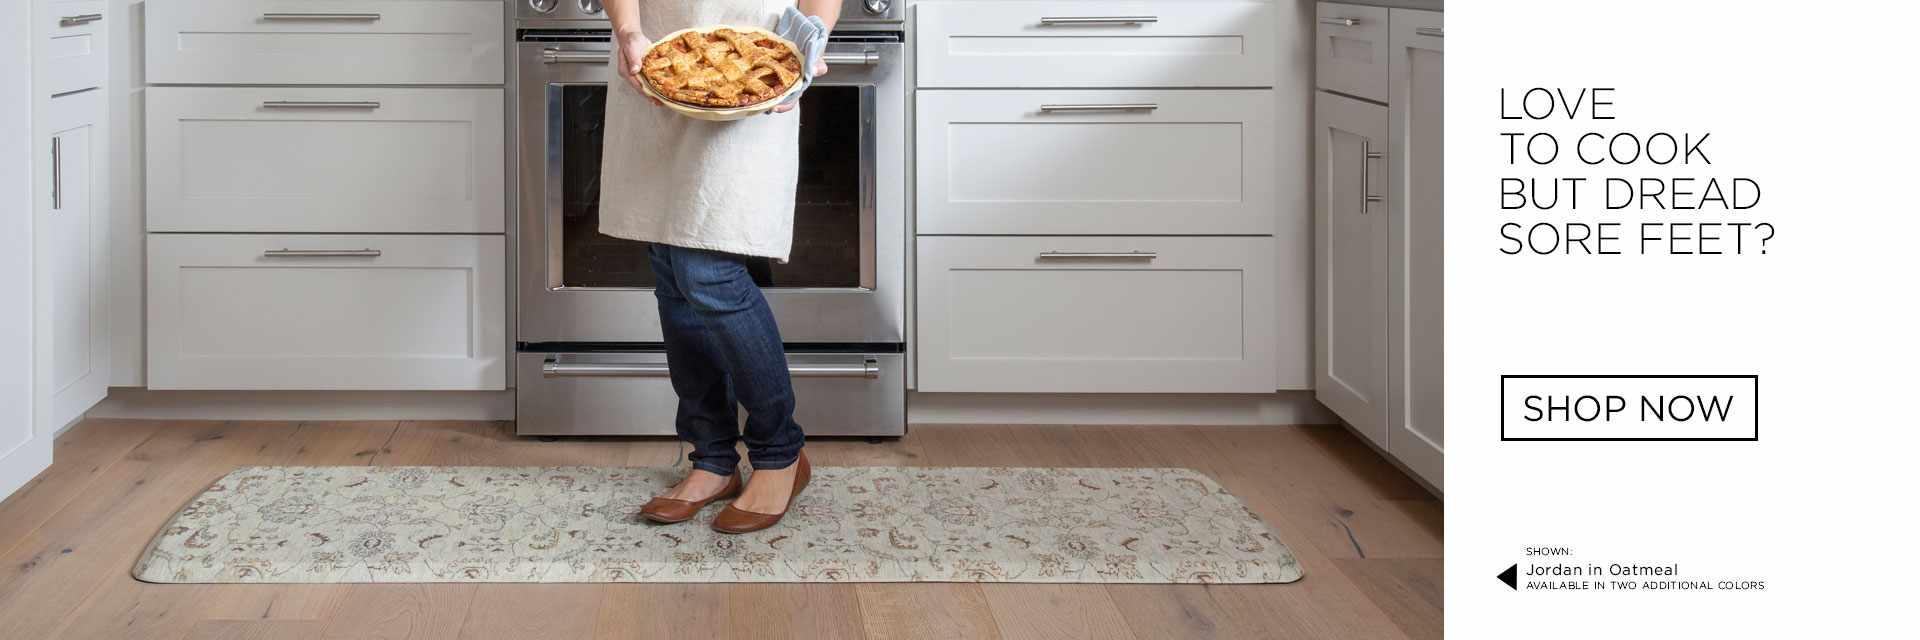 Kitchen Floor Mats For Comfort The